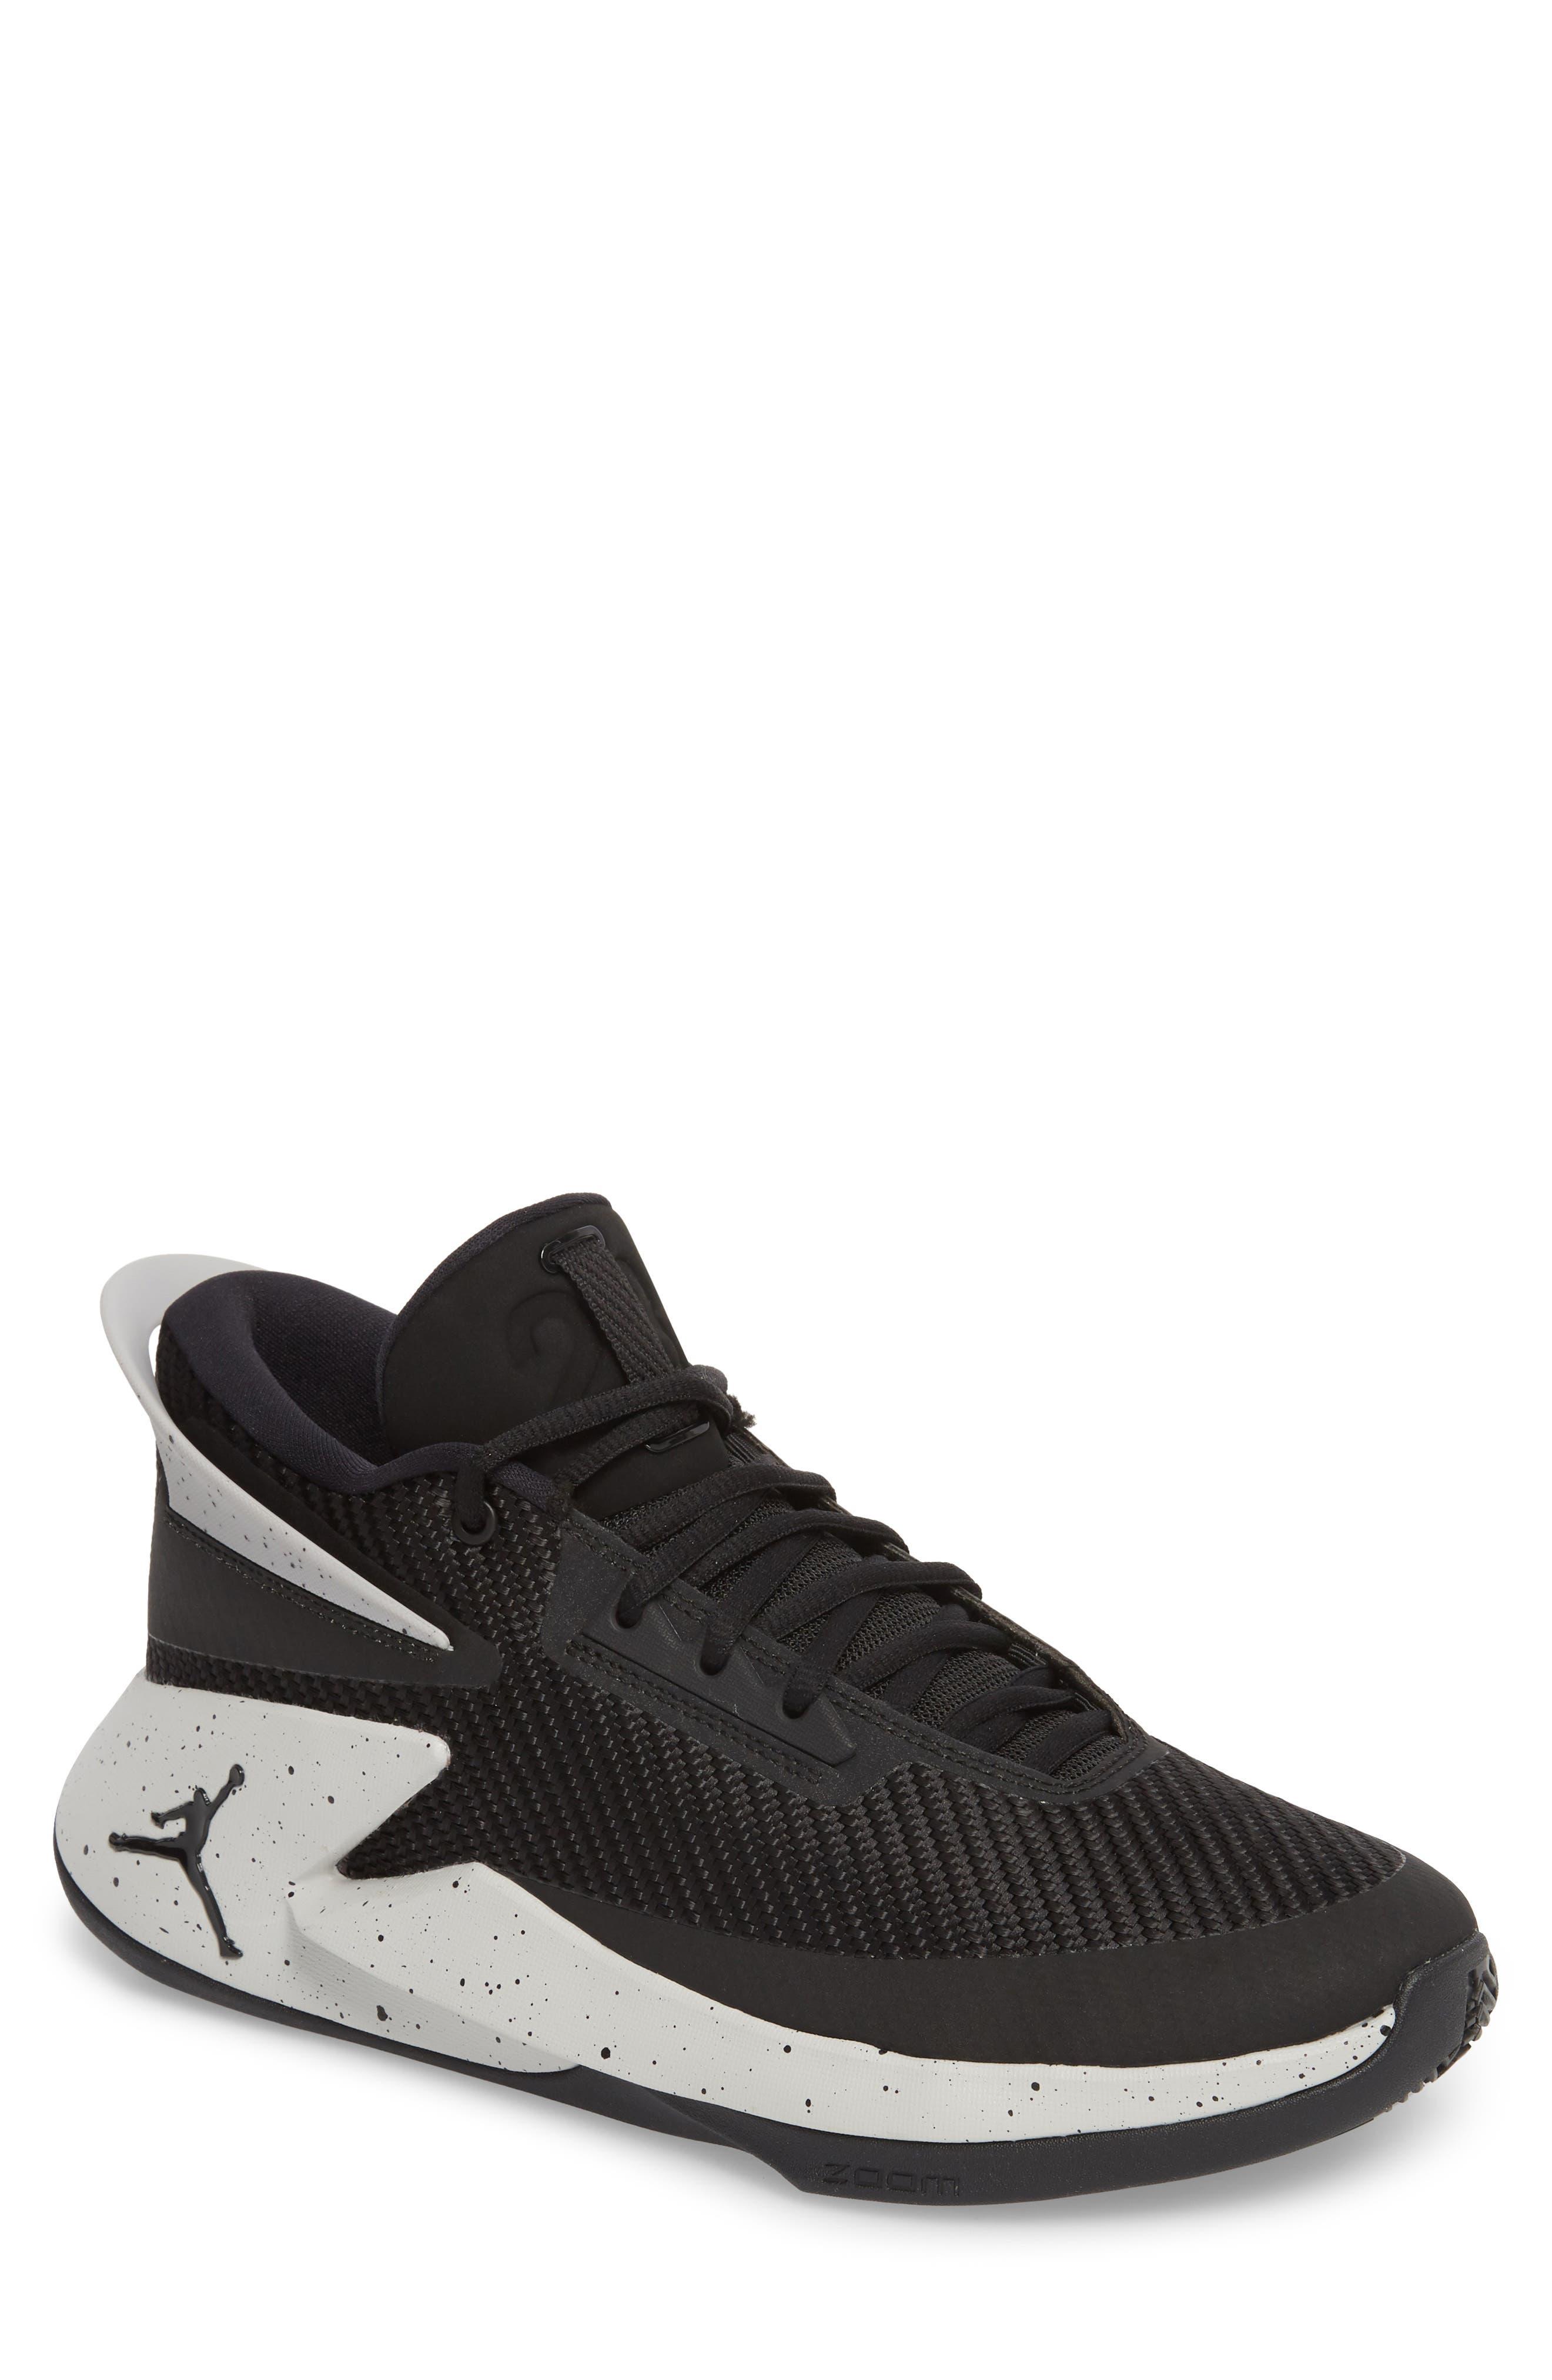 Jordan Fly Lockdown Sneaker,                             Main thumbnail 1, color,                             010